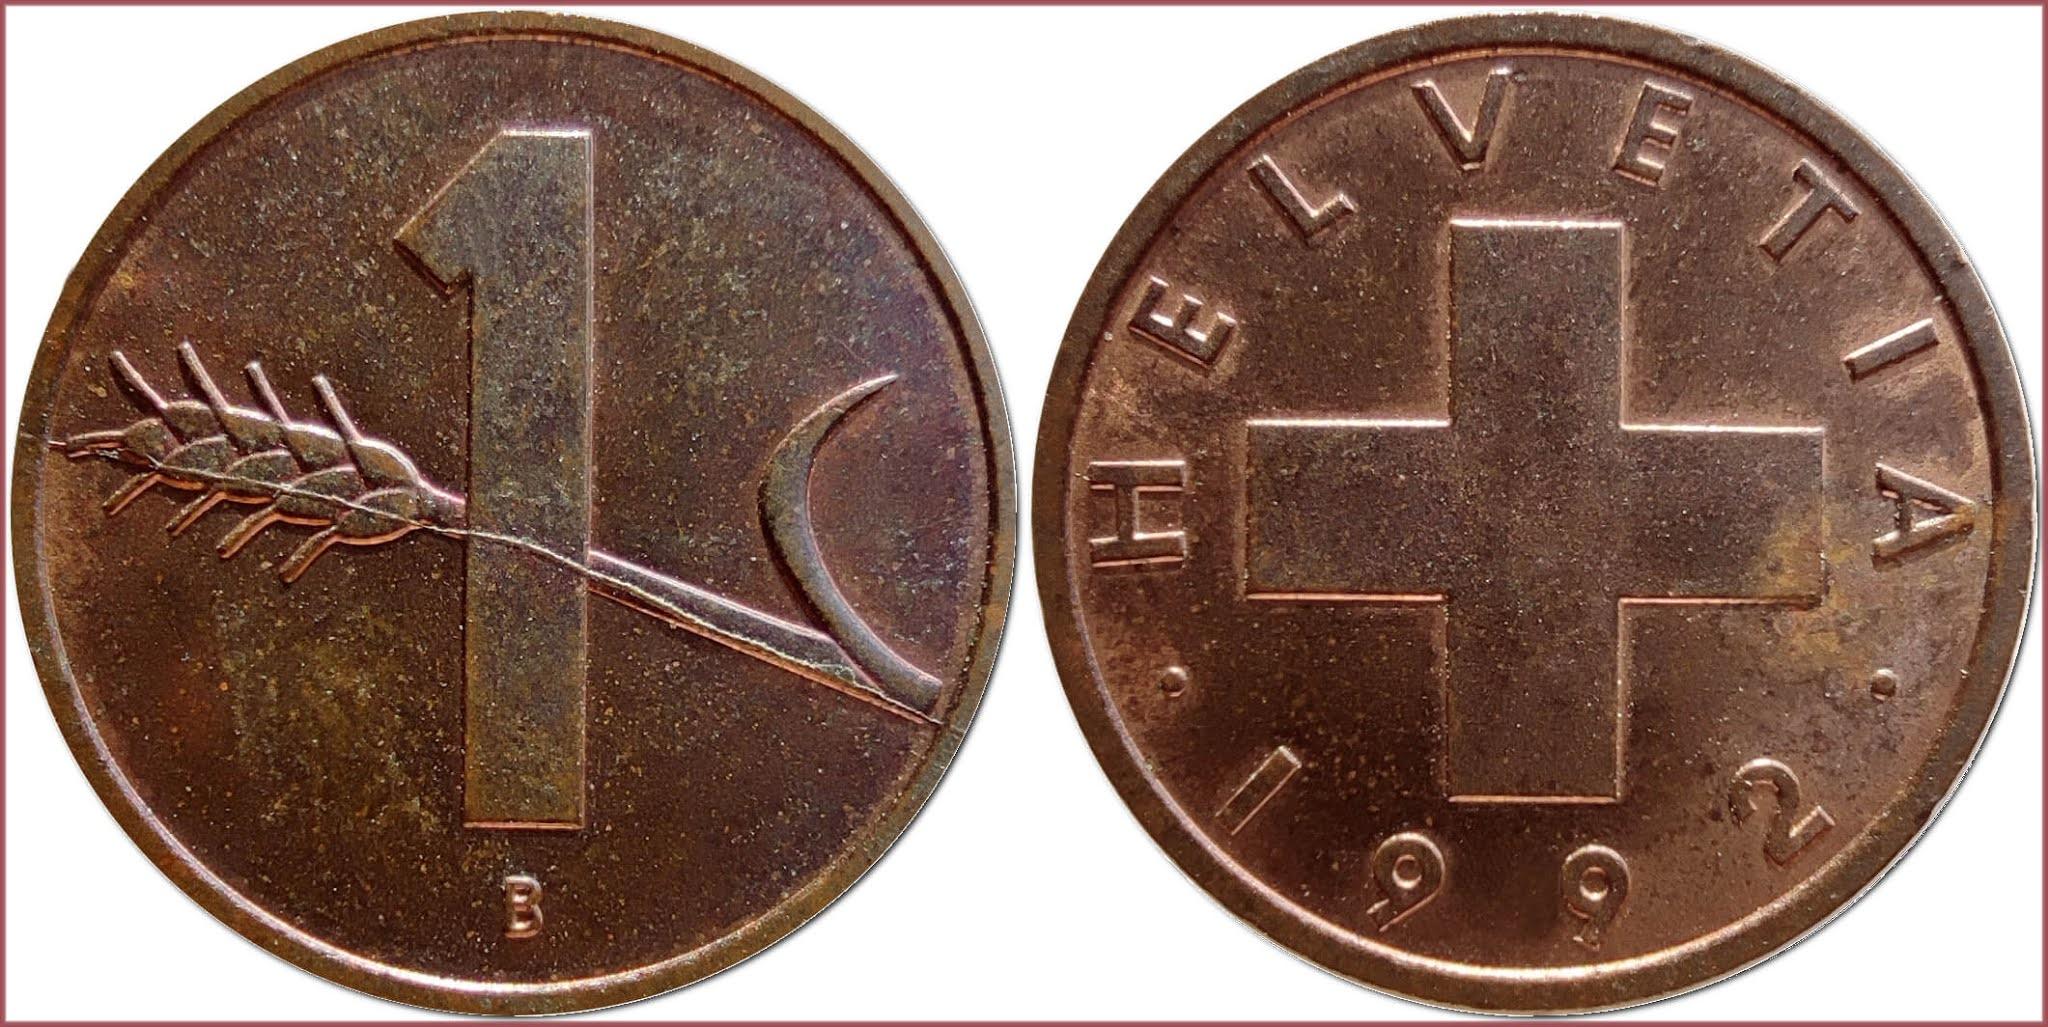 1 rappen, 1992: Swiss Confederation